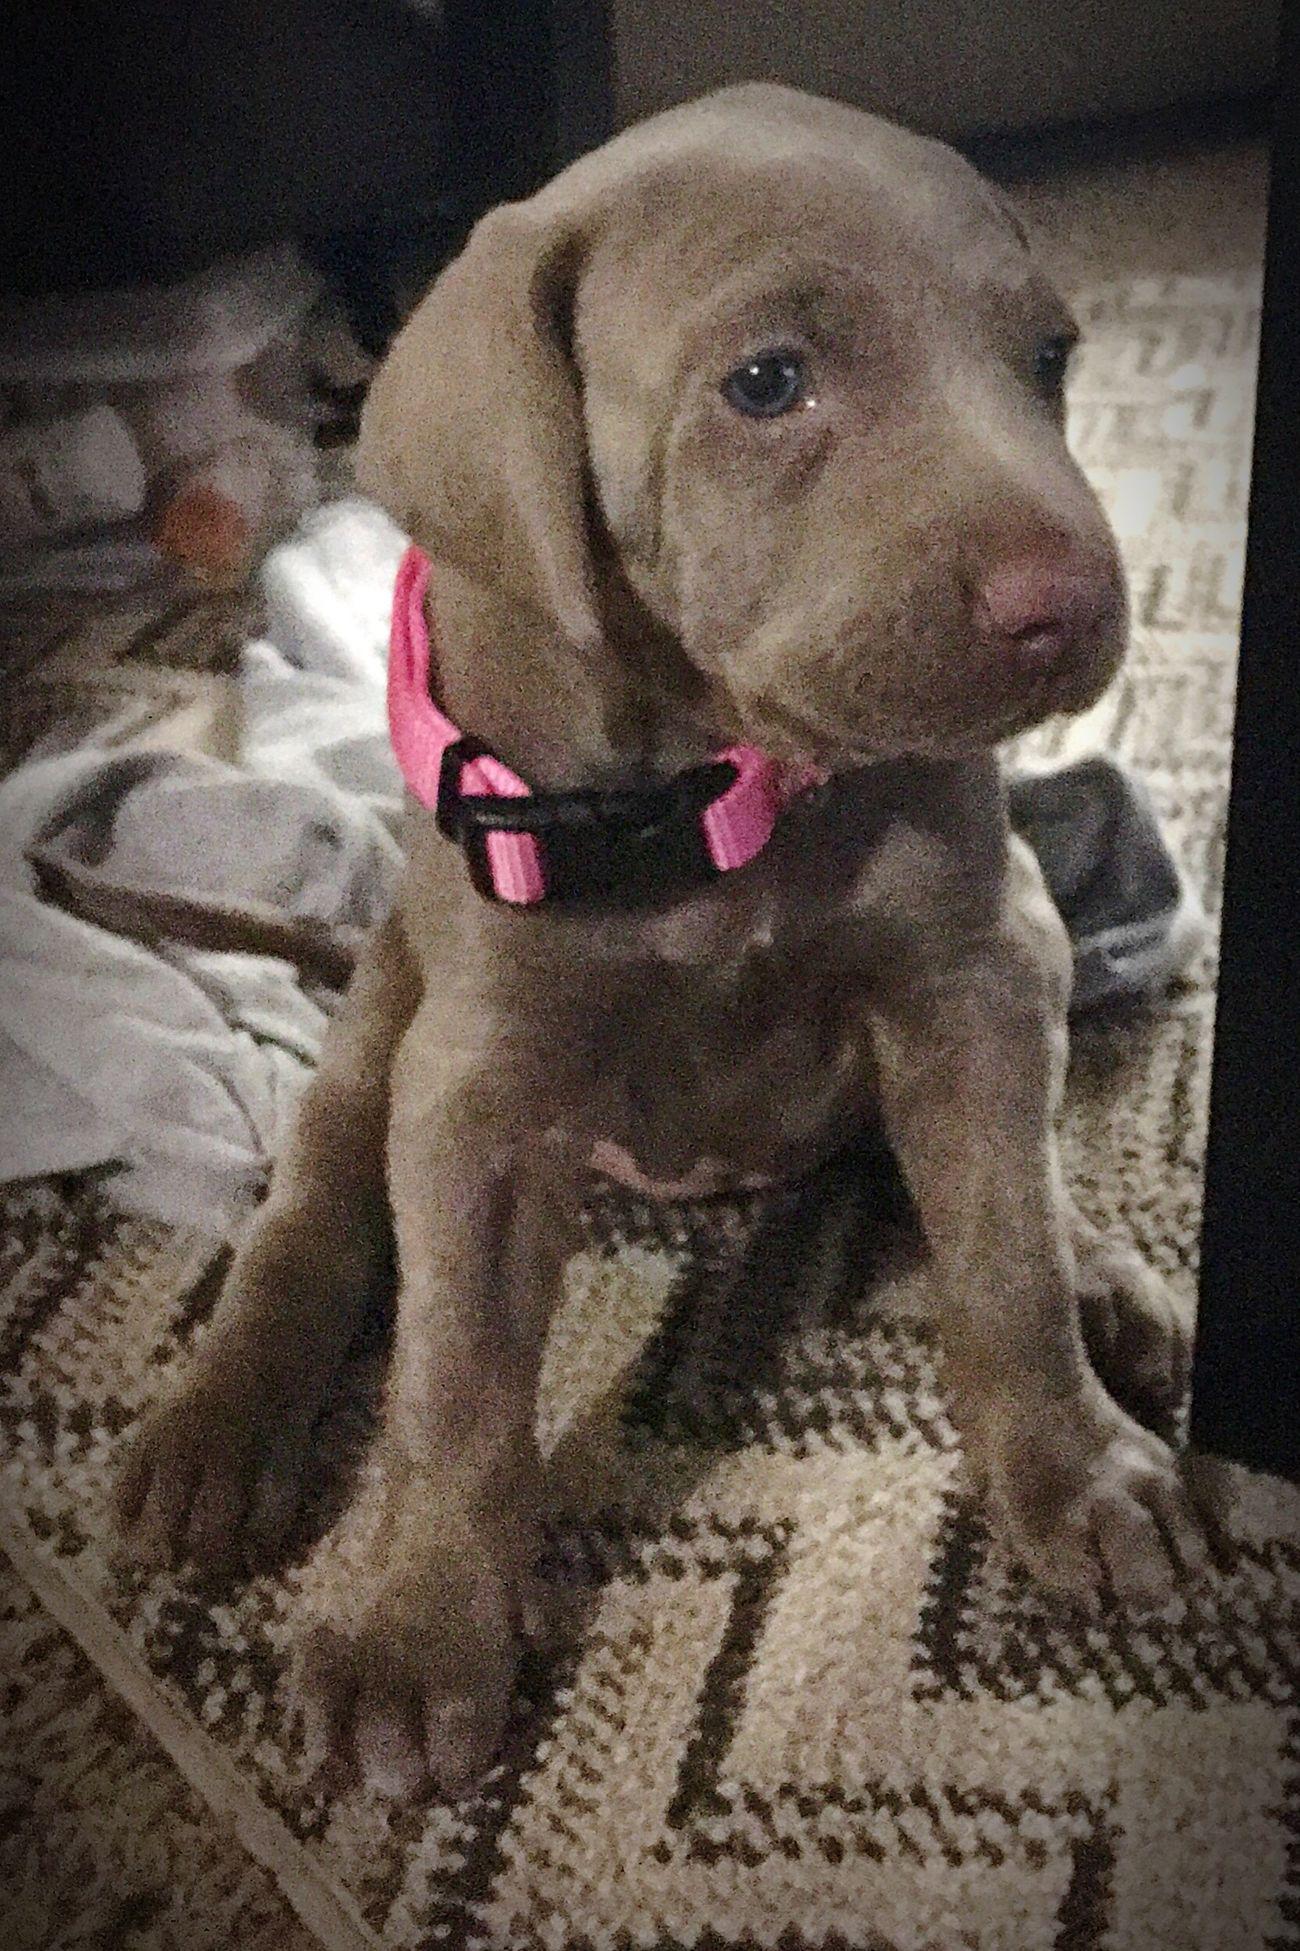 Pets Dog Puppy Weinhemer Puppy Dogs Weinheimer Animal Love Lovemydogs LoveMyPuppy Her Named Her August